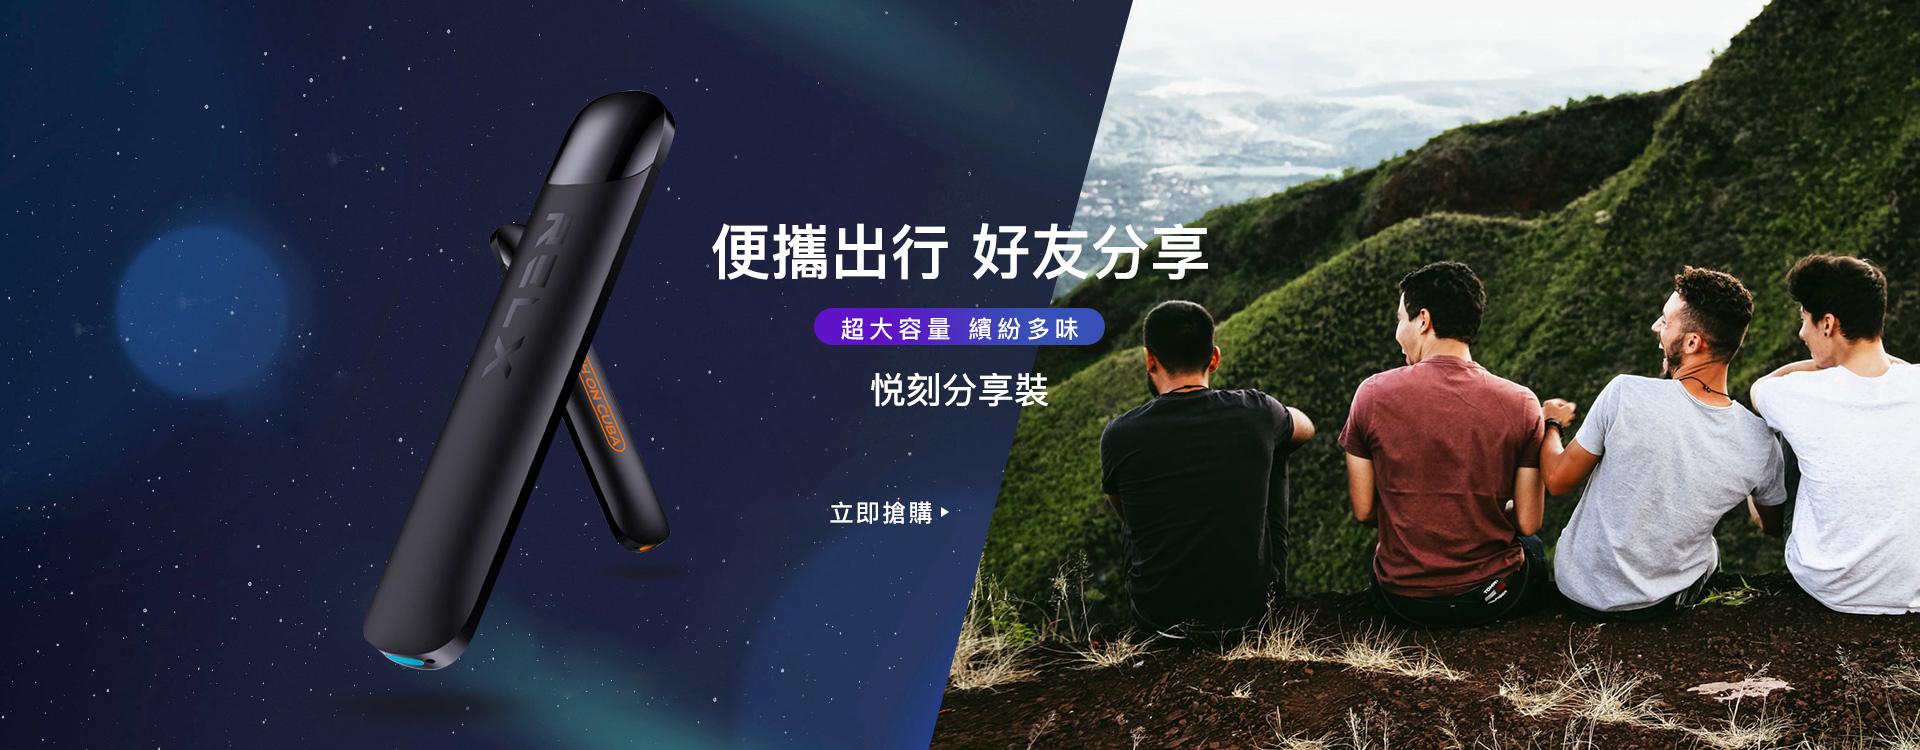 relx nano disposable relxhk 悦刻香港小悦刻 悦刻分享裝